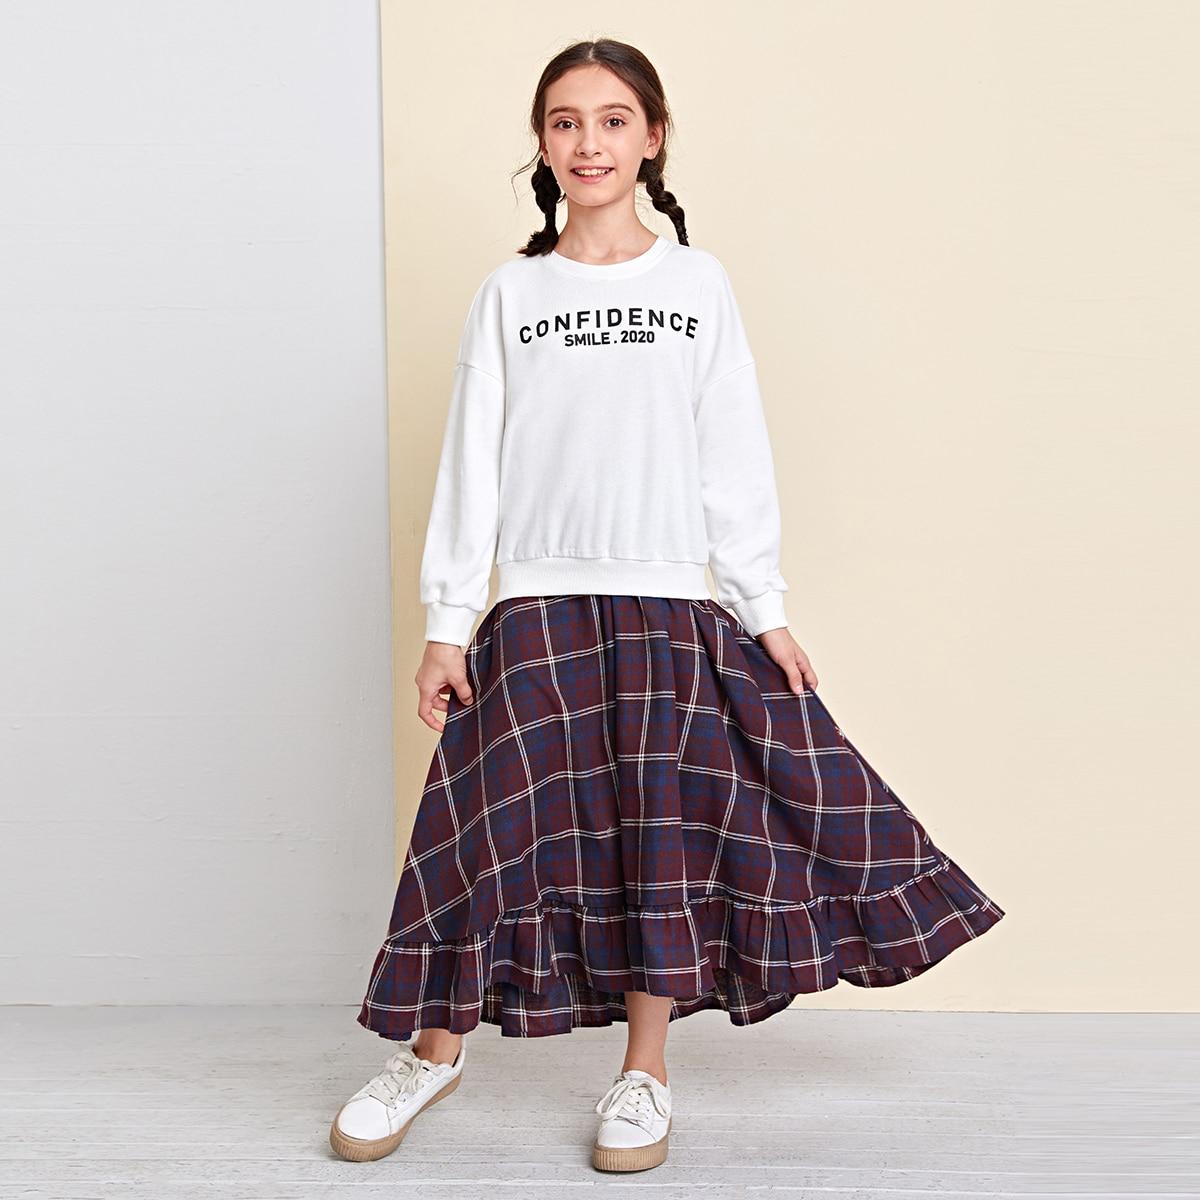 Юбка в клетку и пуловер с текстовым принтом для девочек